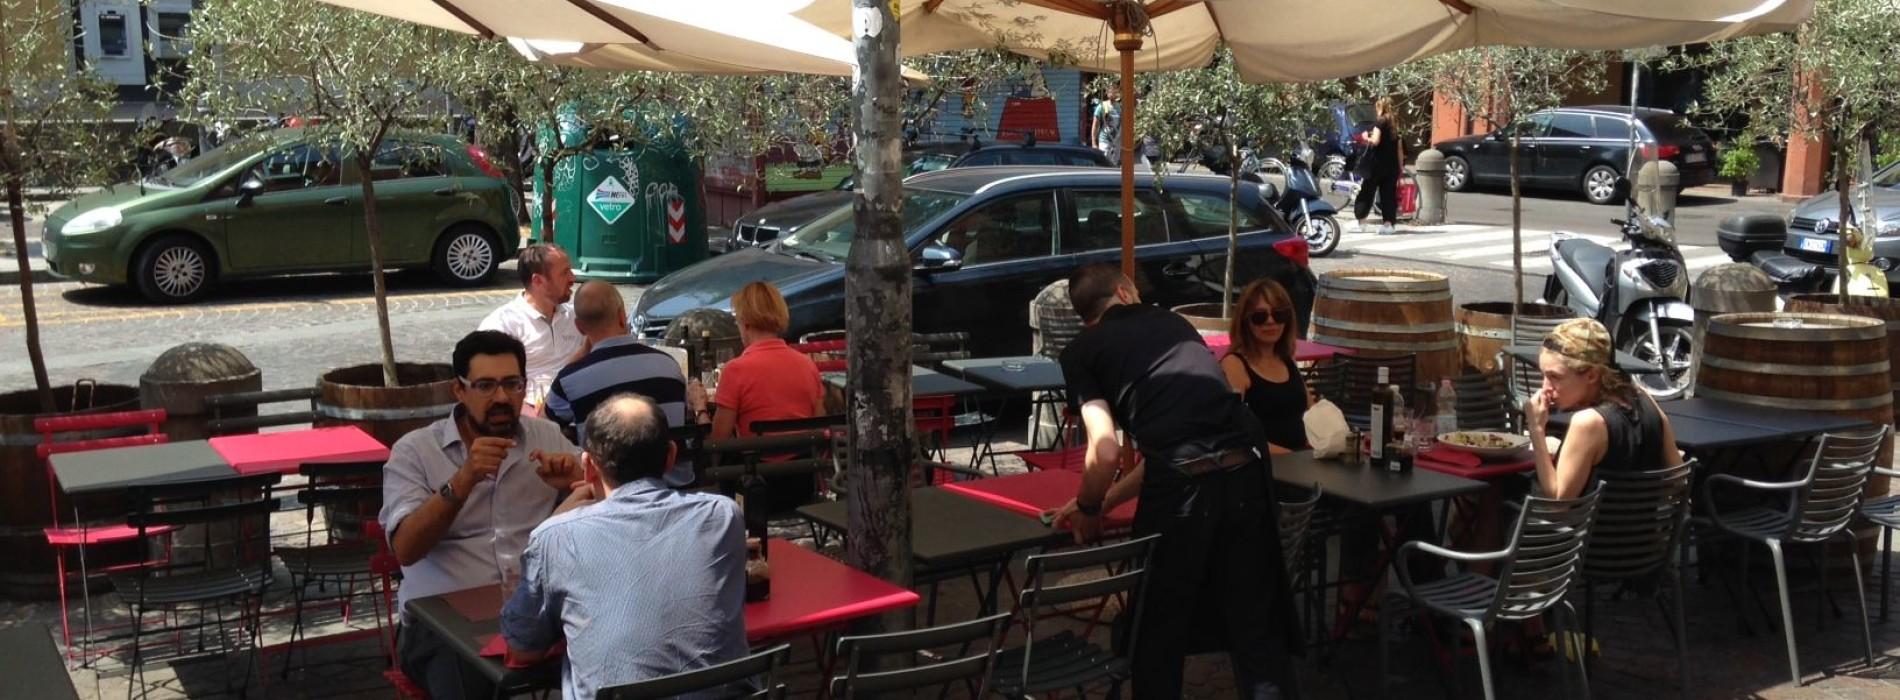 Sartoria Gastronomica a Bologna: gestione al femminile a tanta ...